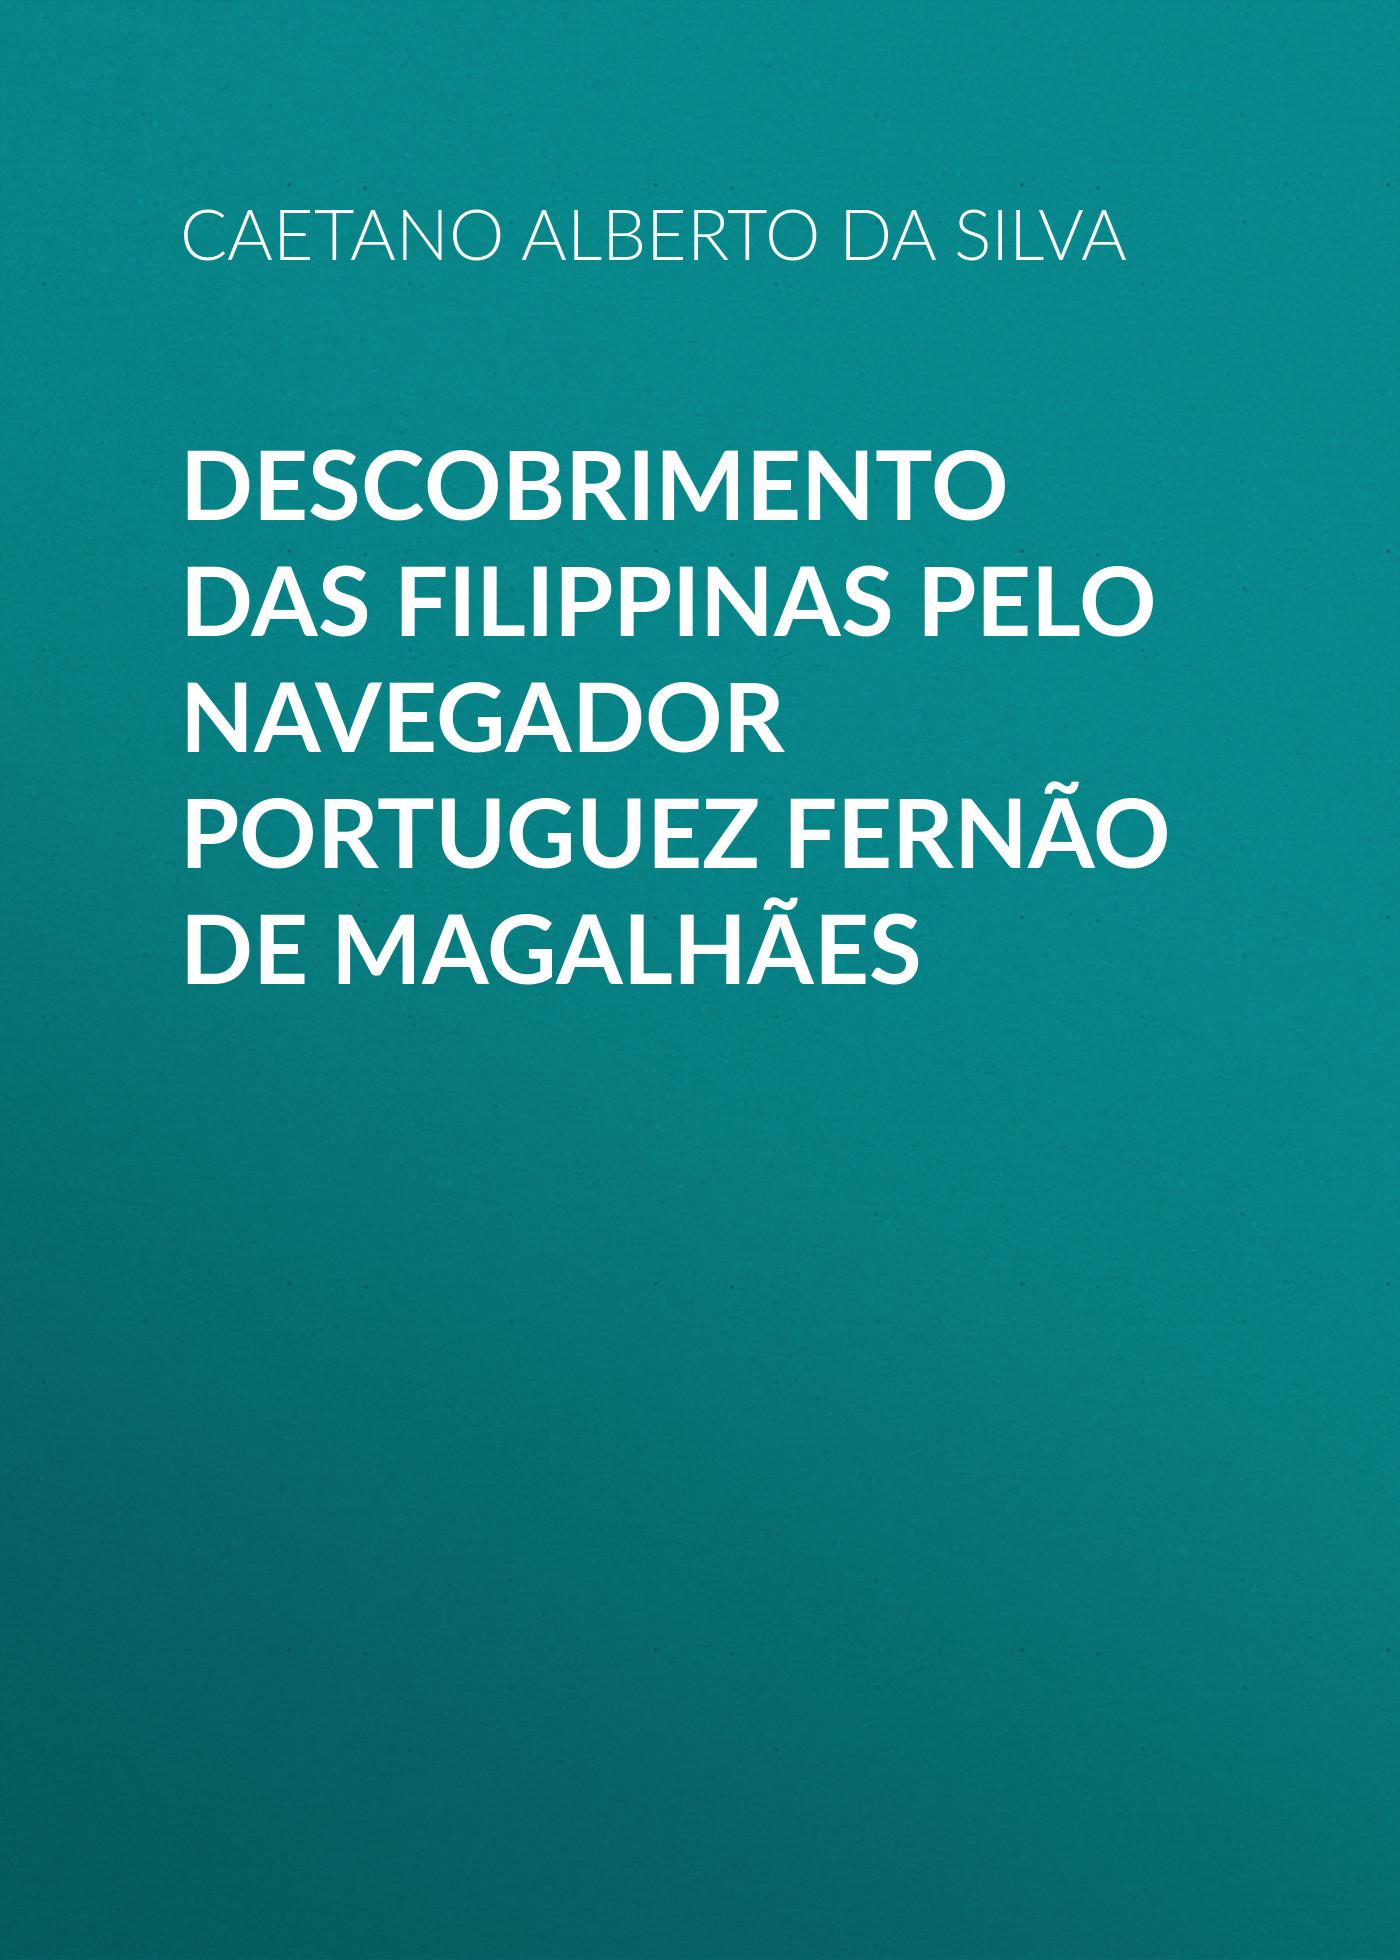 Alberto da Silva Caetano Descobrimento das Filippinas pelo navegador portuguez Fernão de Magalhães crocus elite crocus elite b66112 03